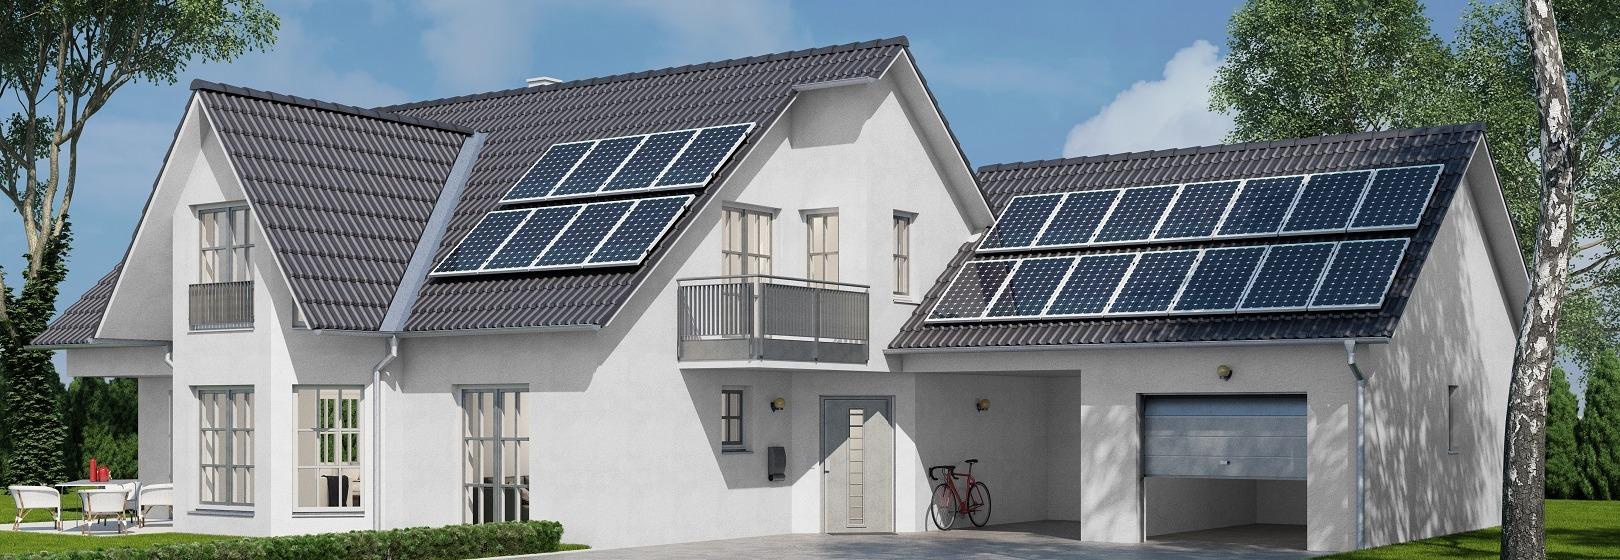 Zapotrzebowanie energetyczne domu jednorodzinnego